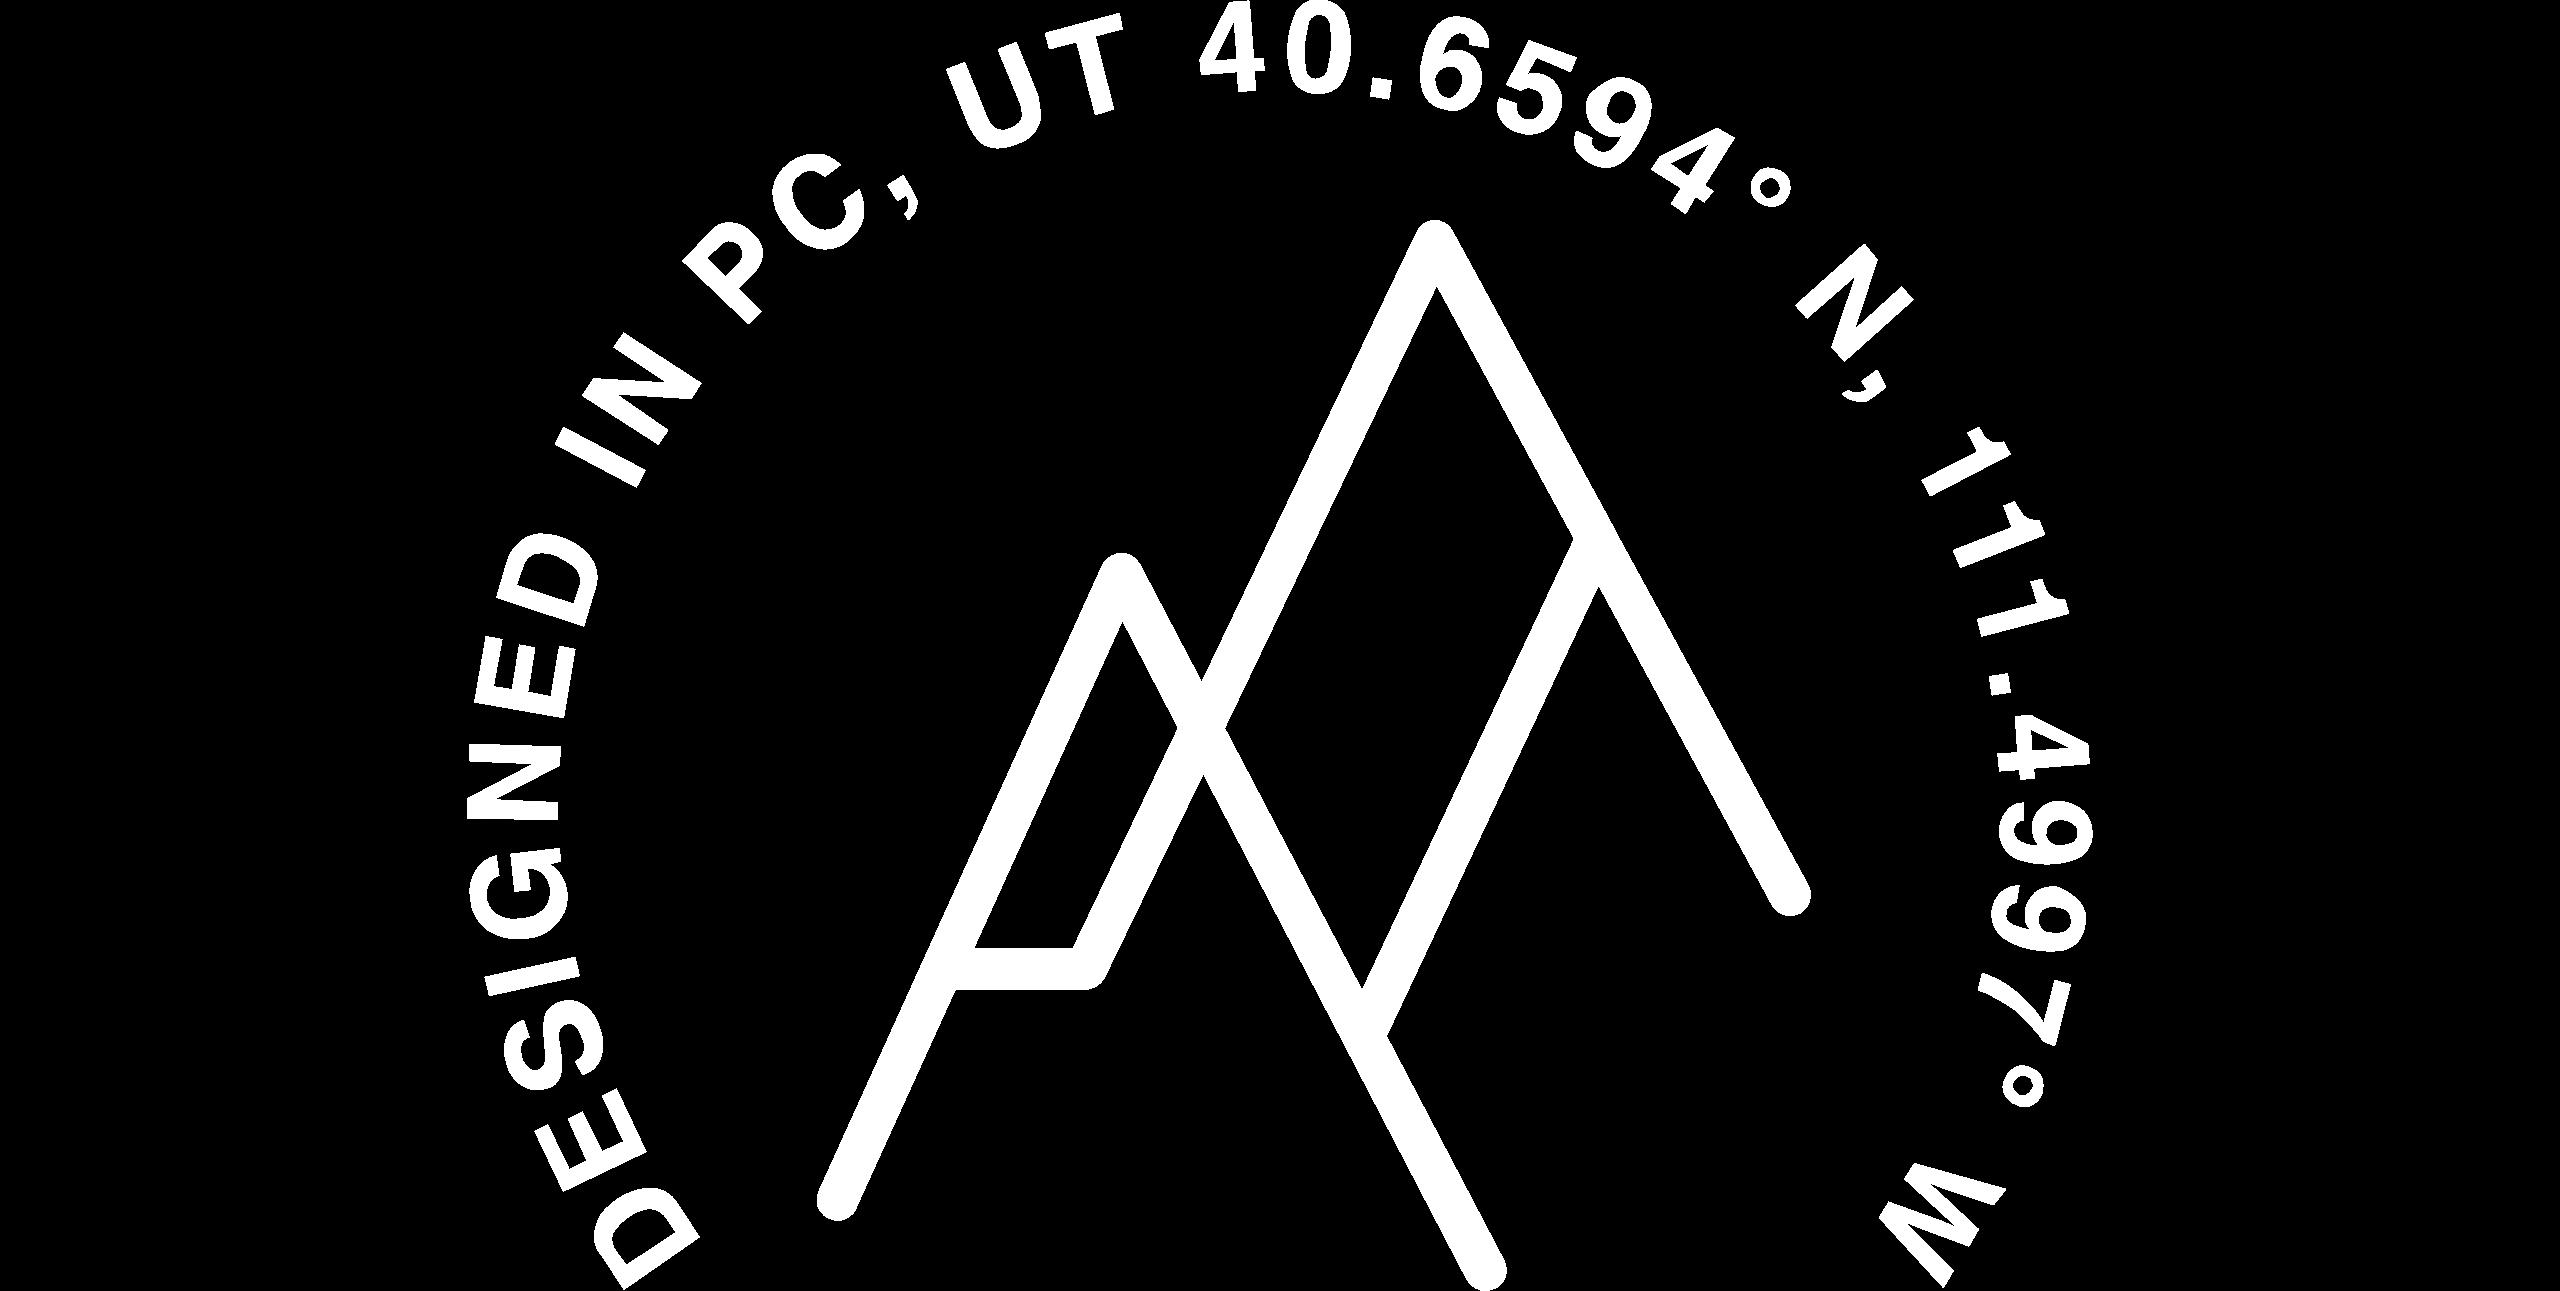 私たちはデザインと製品テストに数百時間をかけ、ユタ州にある本社にて全ての製品を完成させています。しかし、白衣を身にまとった典型的なエンジニアはいません。皆さんと同じく音楽を愛し、常にアドベンチャーを探求しているのです。